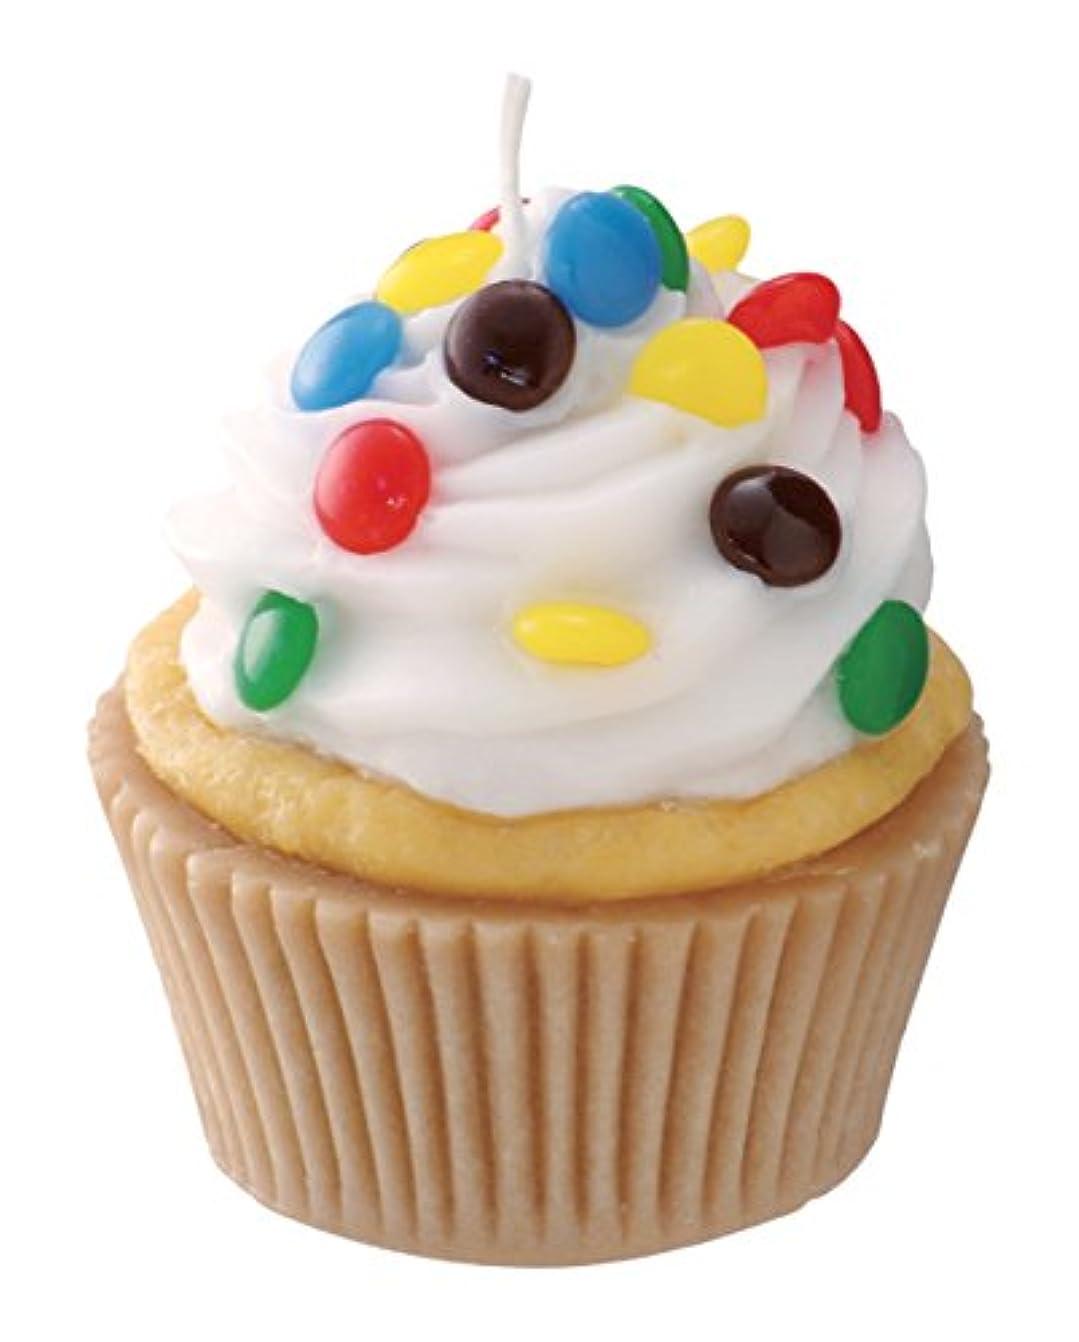 笑いタウポ湖禁止するカメヤマキャンドルハウス 本物そっくり! アメリカンカップケーキキャンドル ホワイトクリーム チョコレートの香り